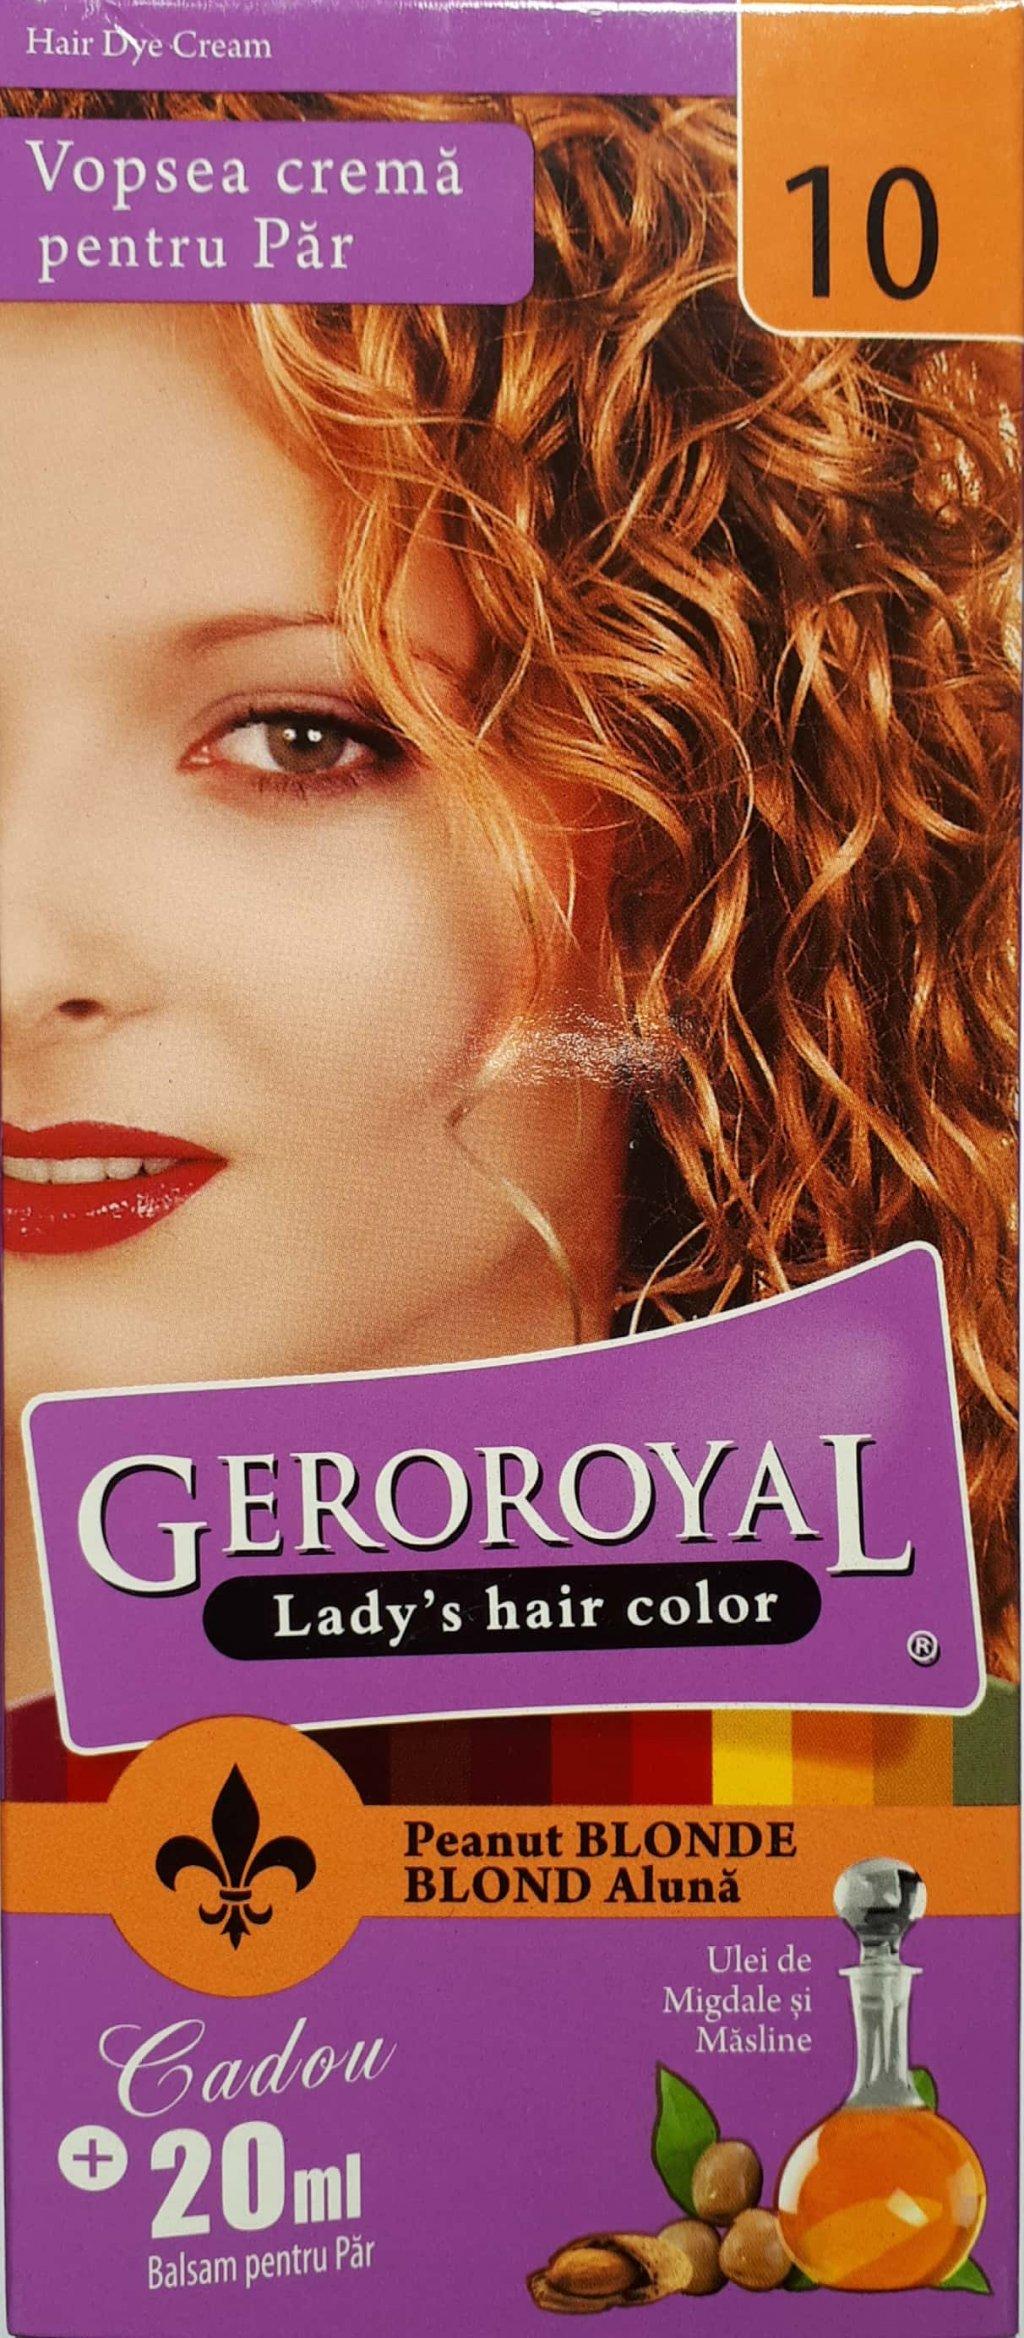 Vopsea crema pentru par Geroroyal  Blond Aluna 10